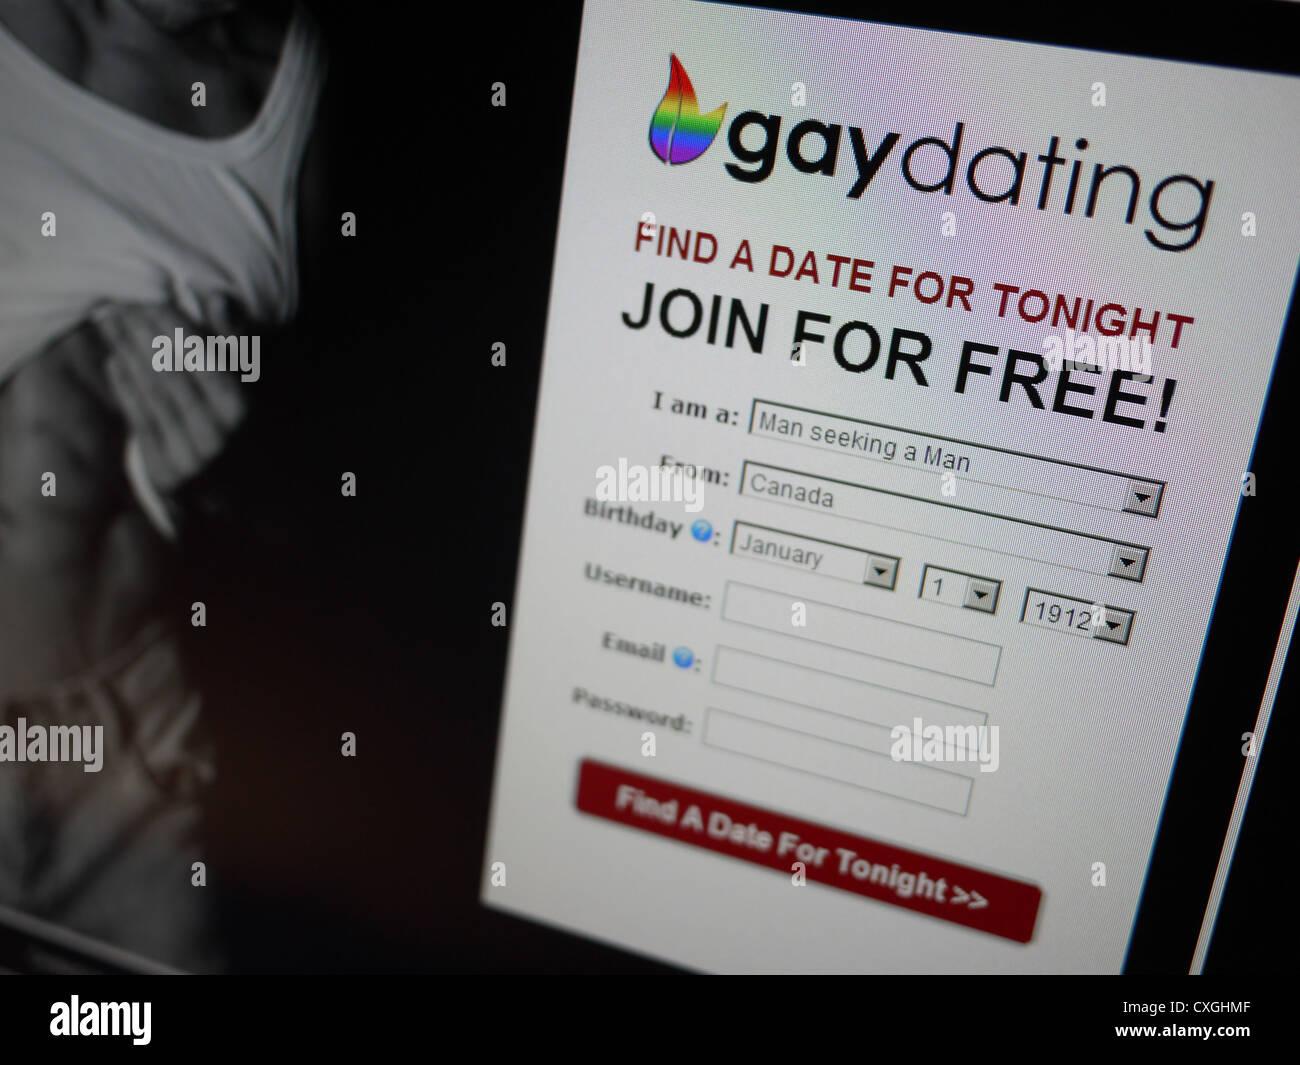 Gay online dating Kanada rekommenderade gratis dejtingsajter